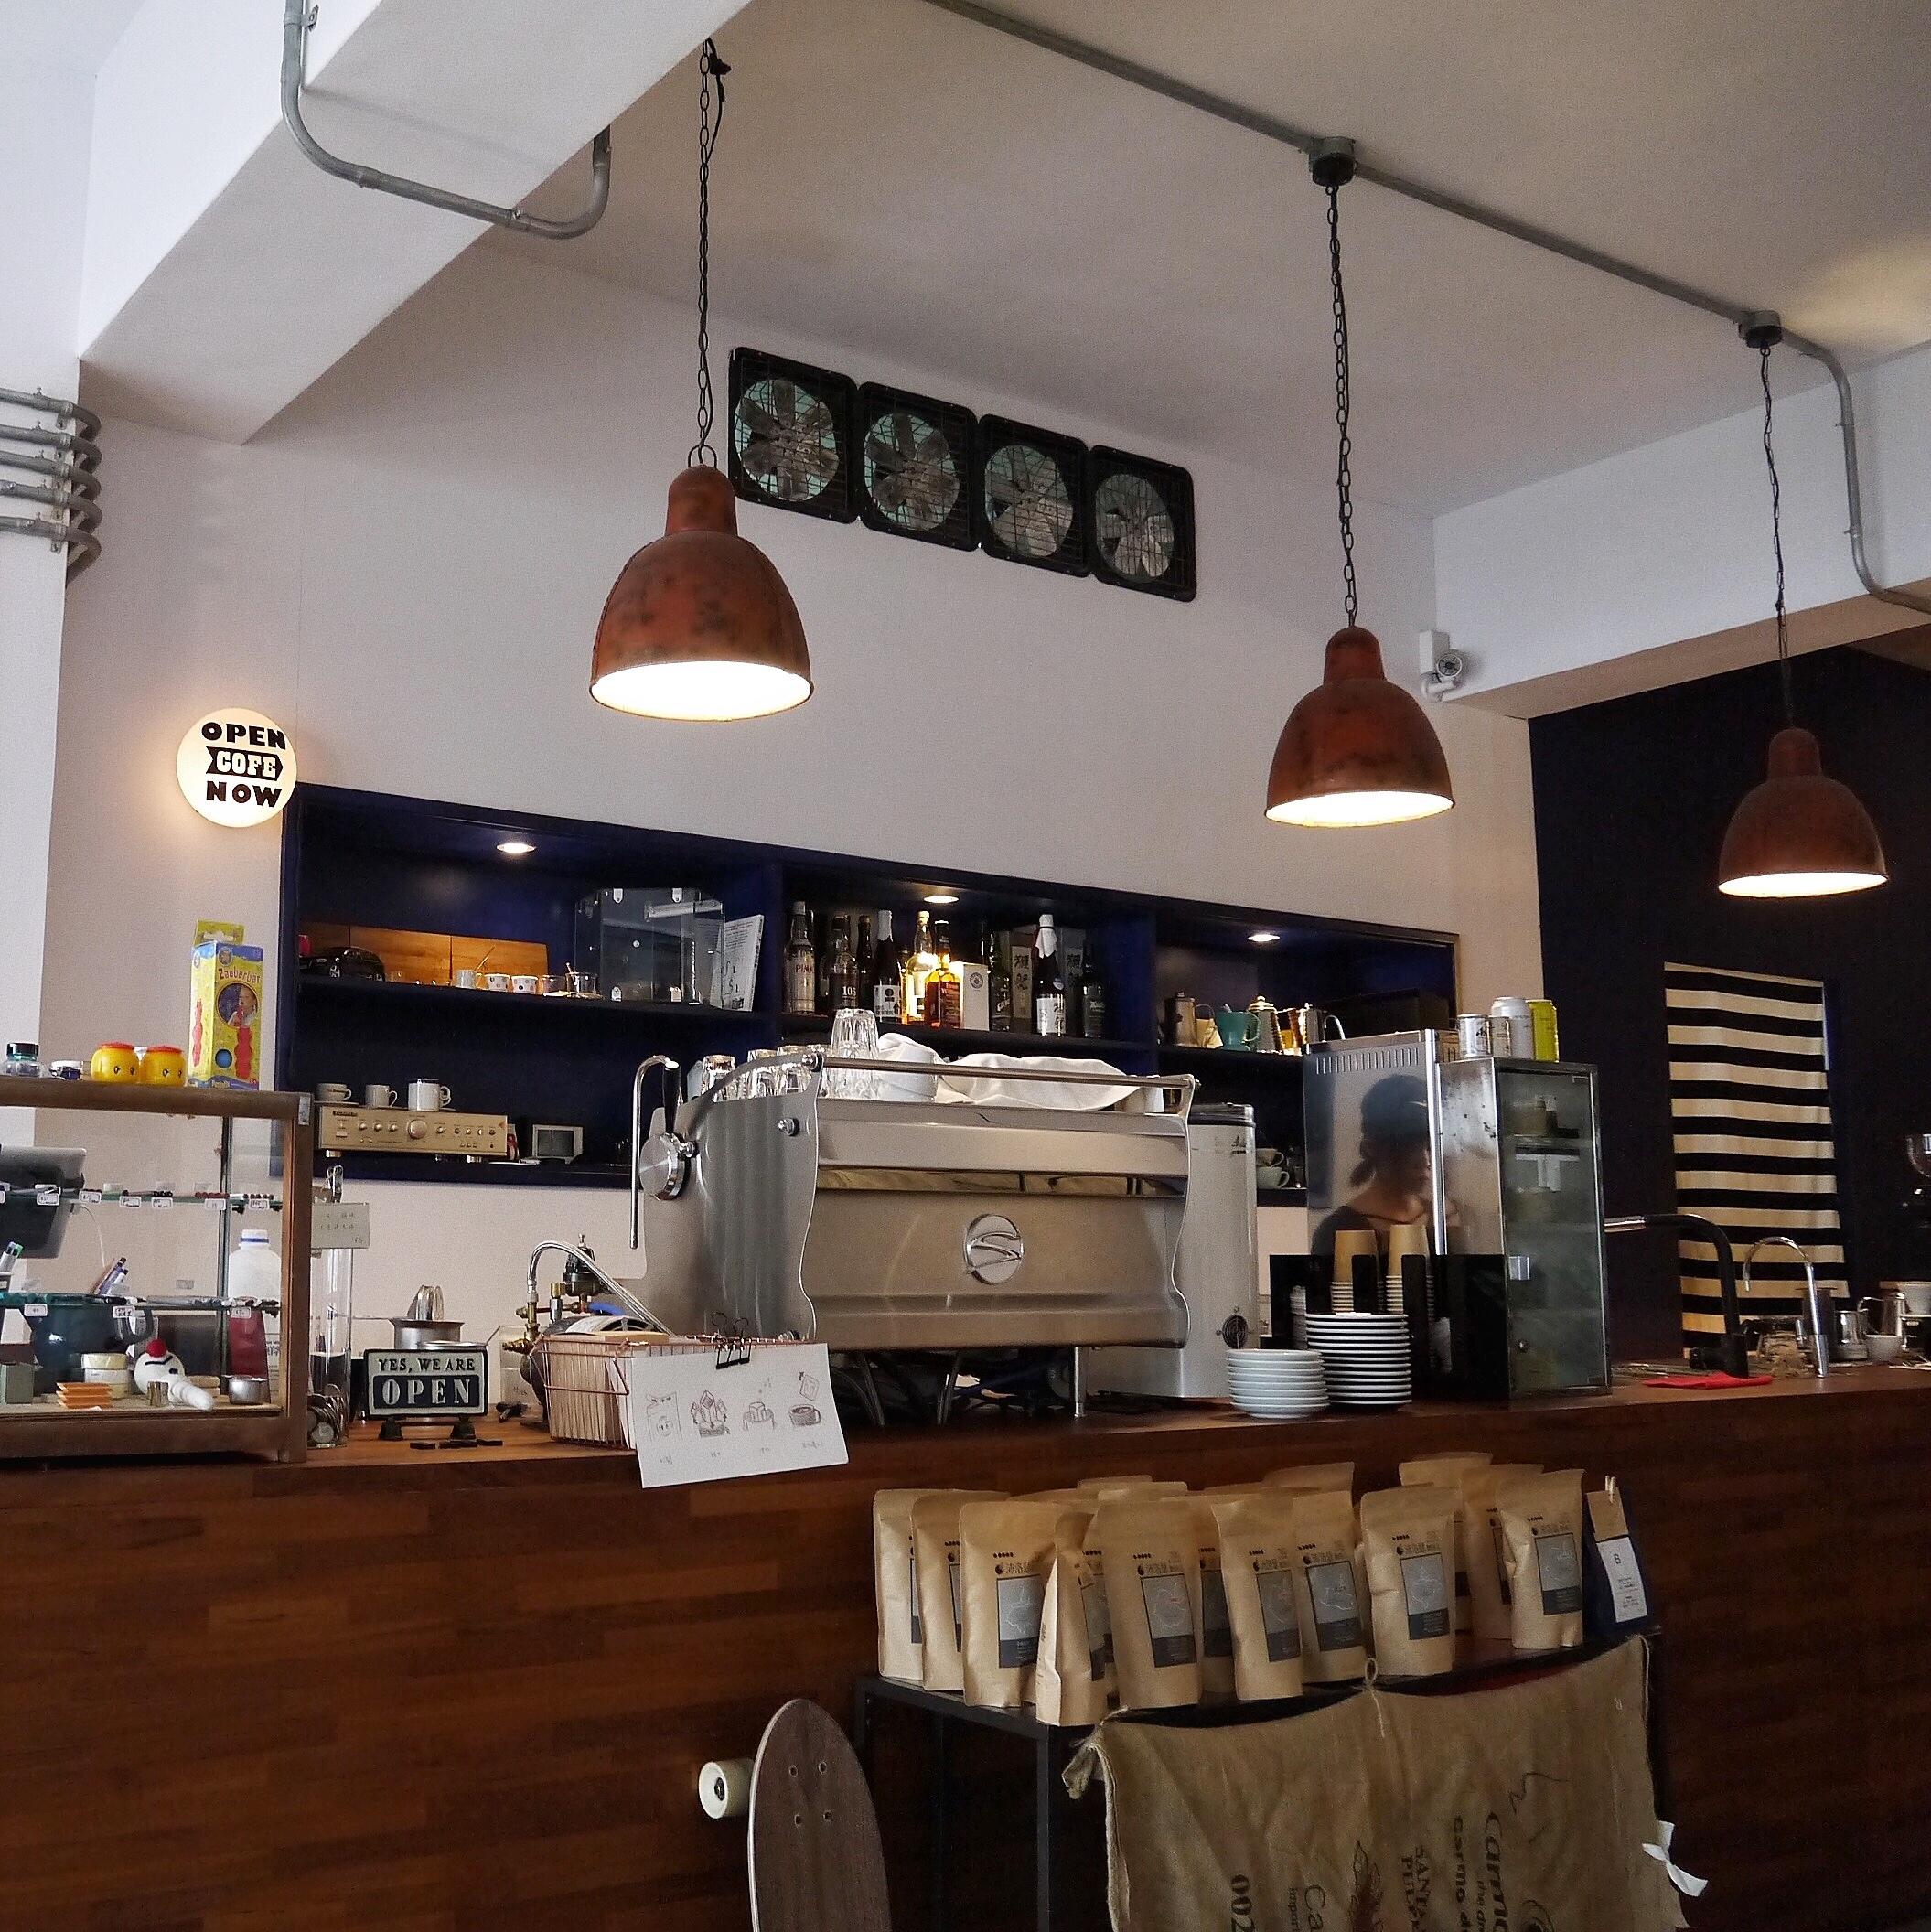 特搜 新竹 咖啡廳 約 姊妹 一起 享受 美好 午茶時光 續日